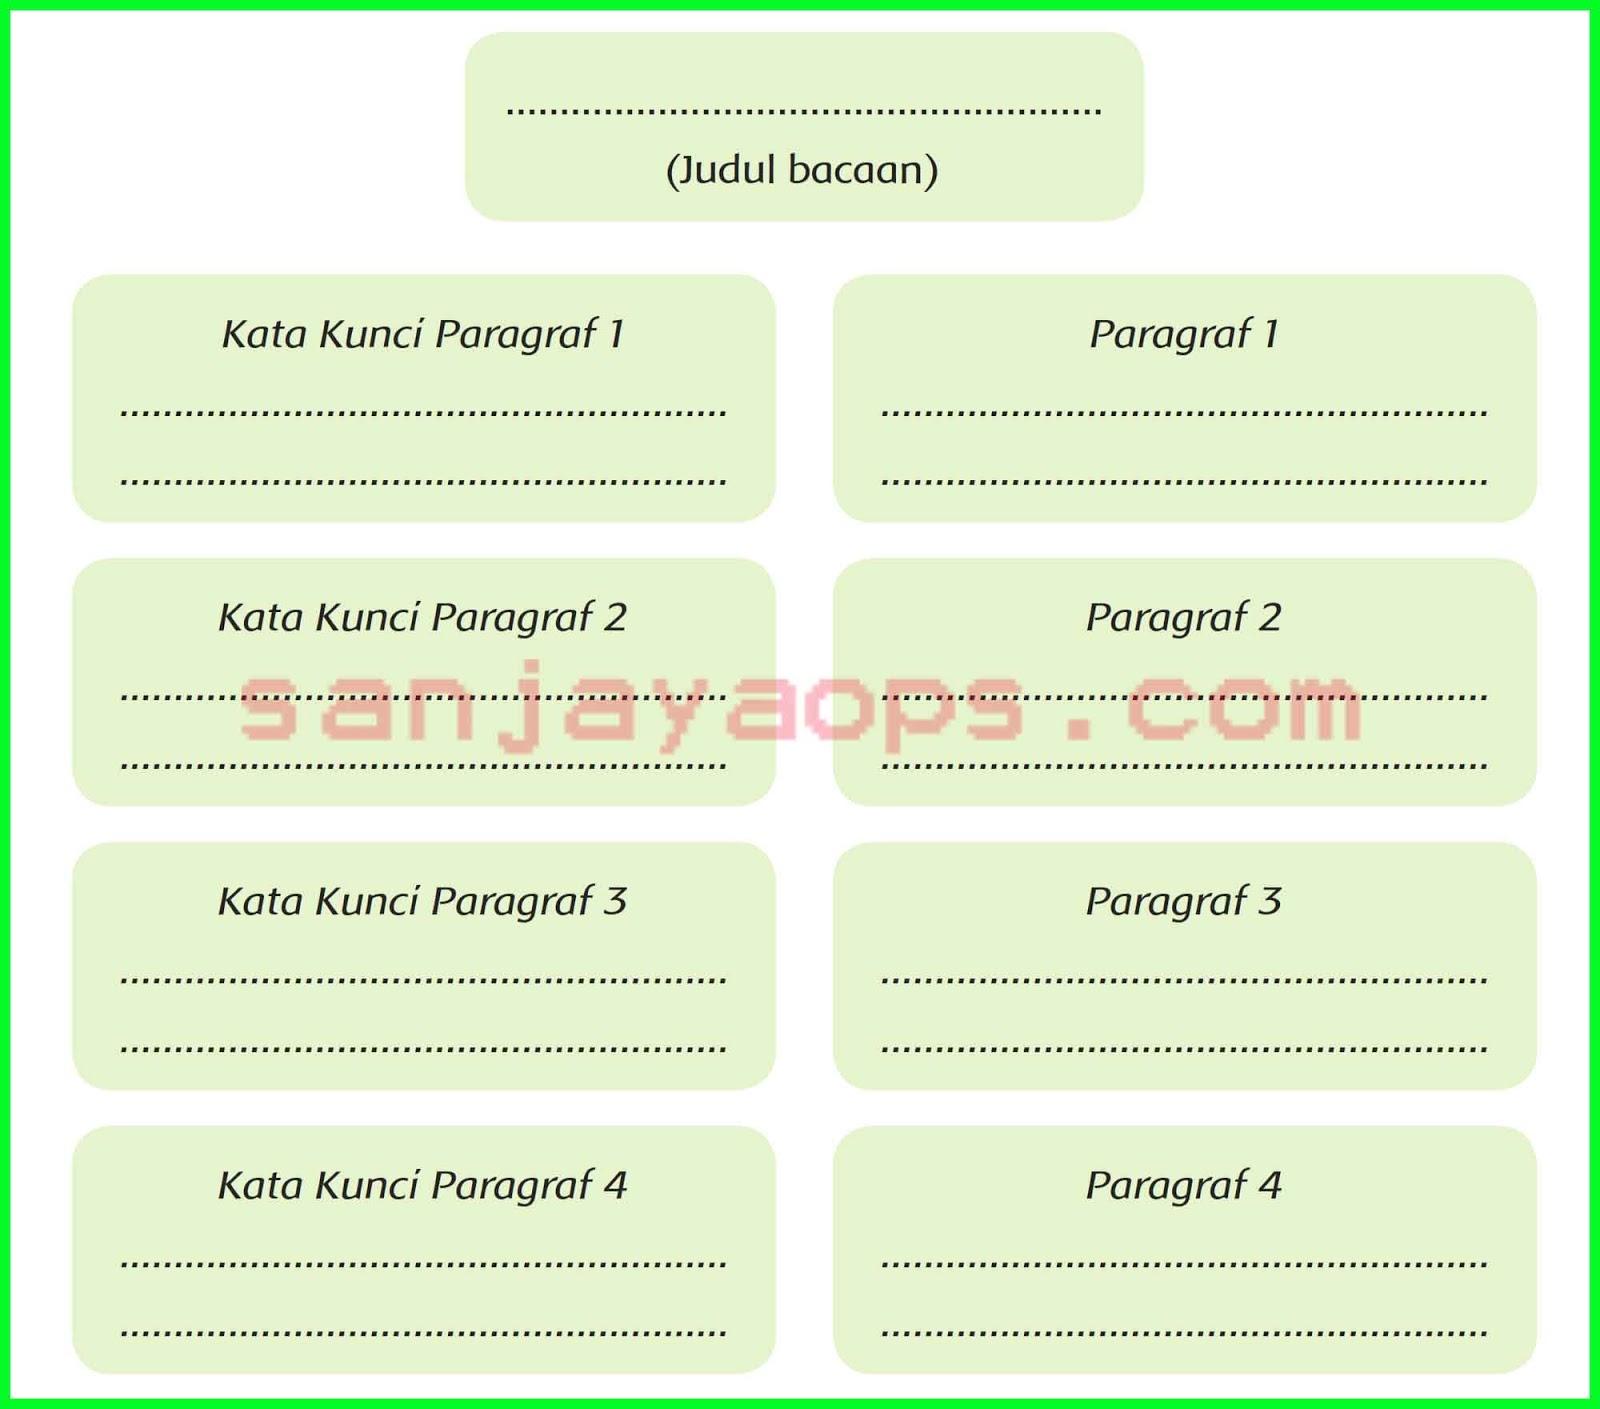 Kunci Jawaban Buku Siswa Tema 6 Kelas 5 Halaman 61, 62, 63 ...